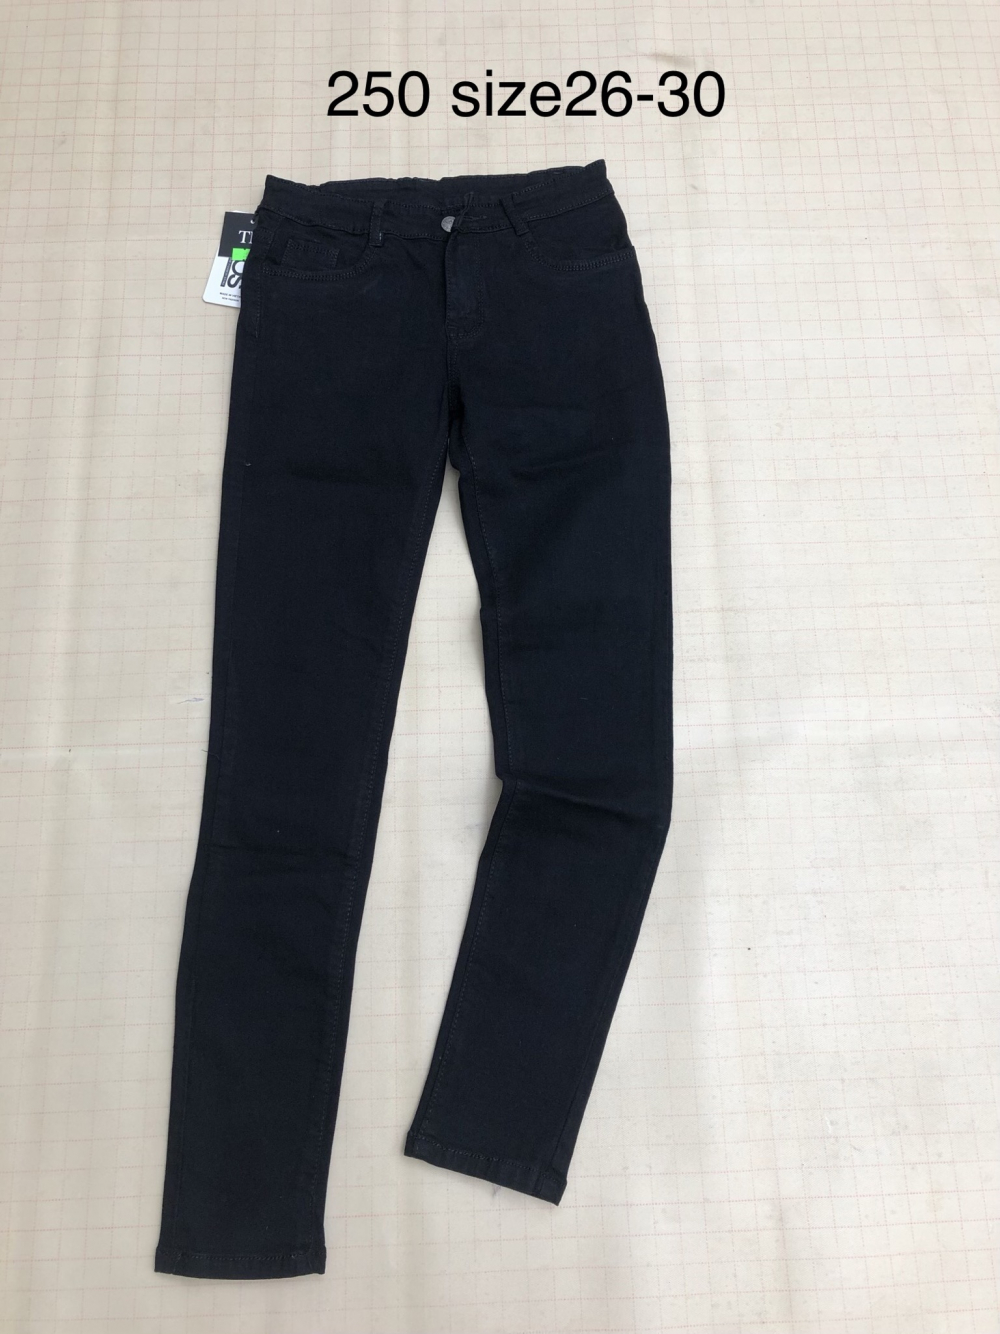 Quần jean nữ dài 250